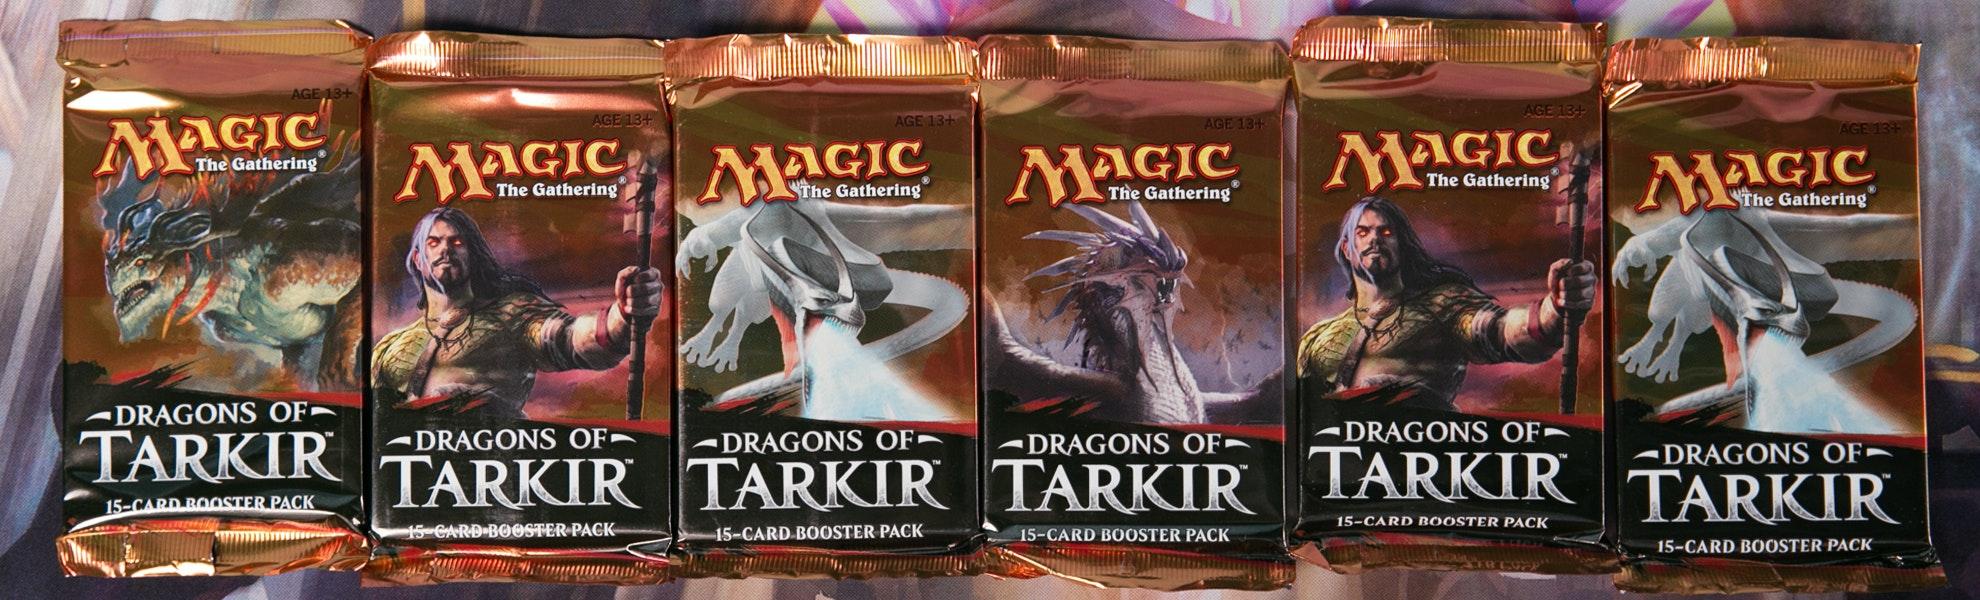 Dragons of Tarkir Fat Pack